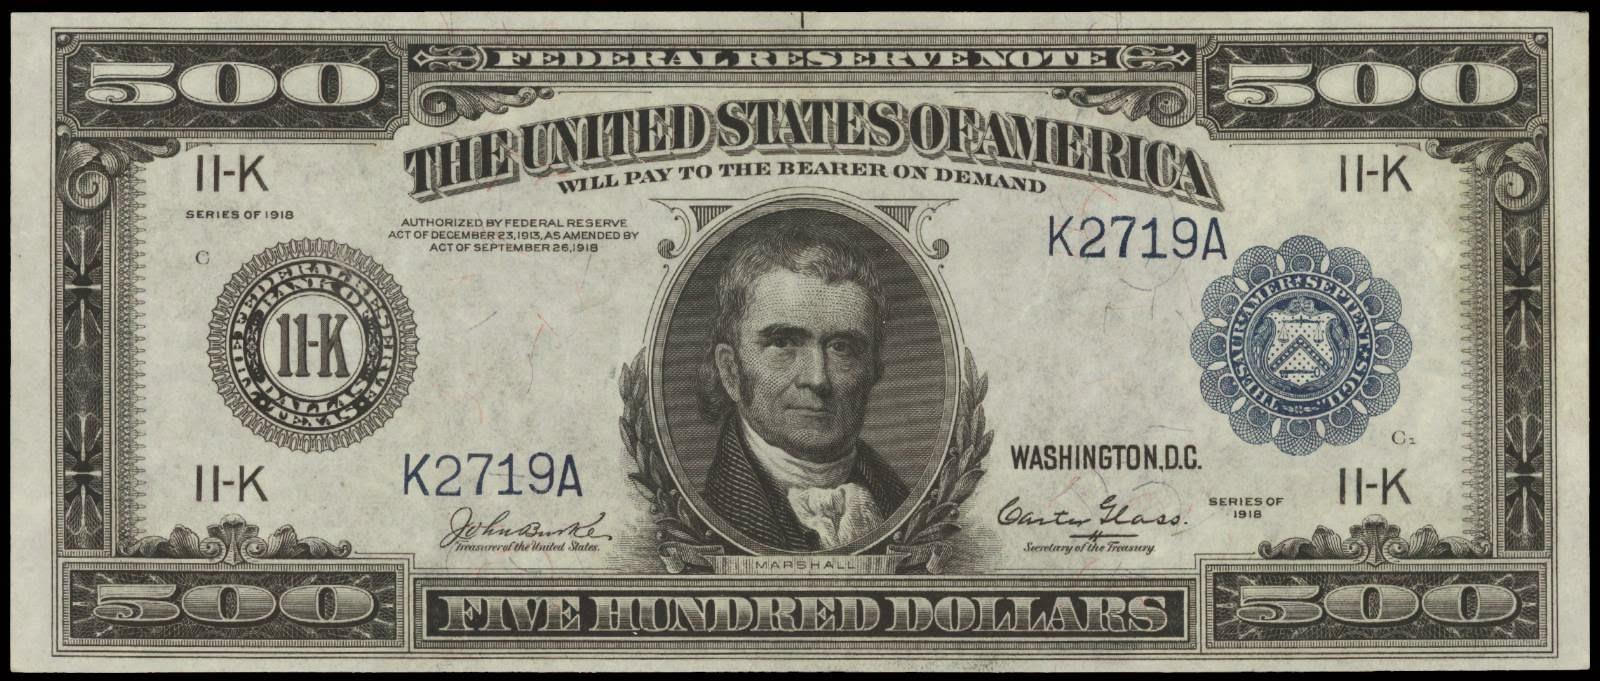 500 Dollar bill 1918 note John Marshall